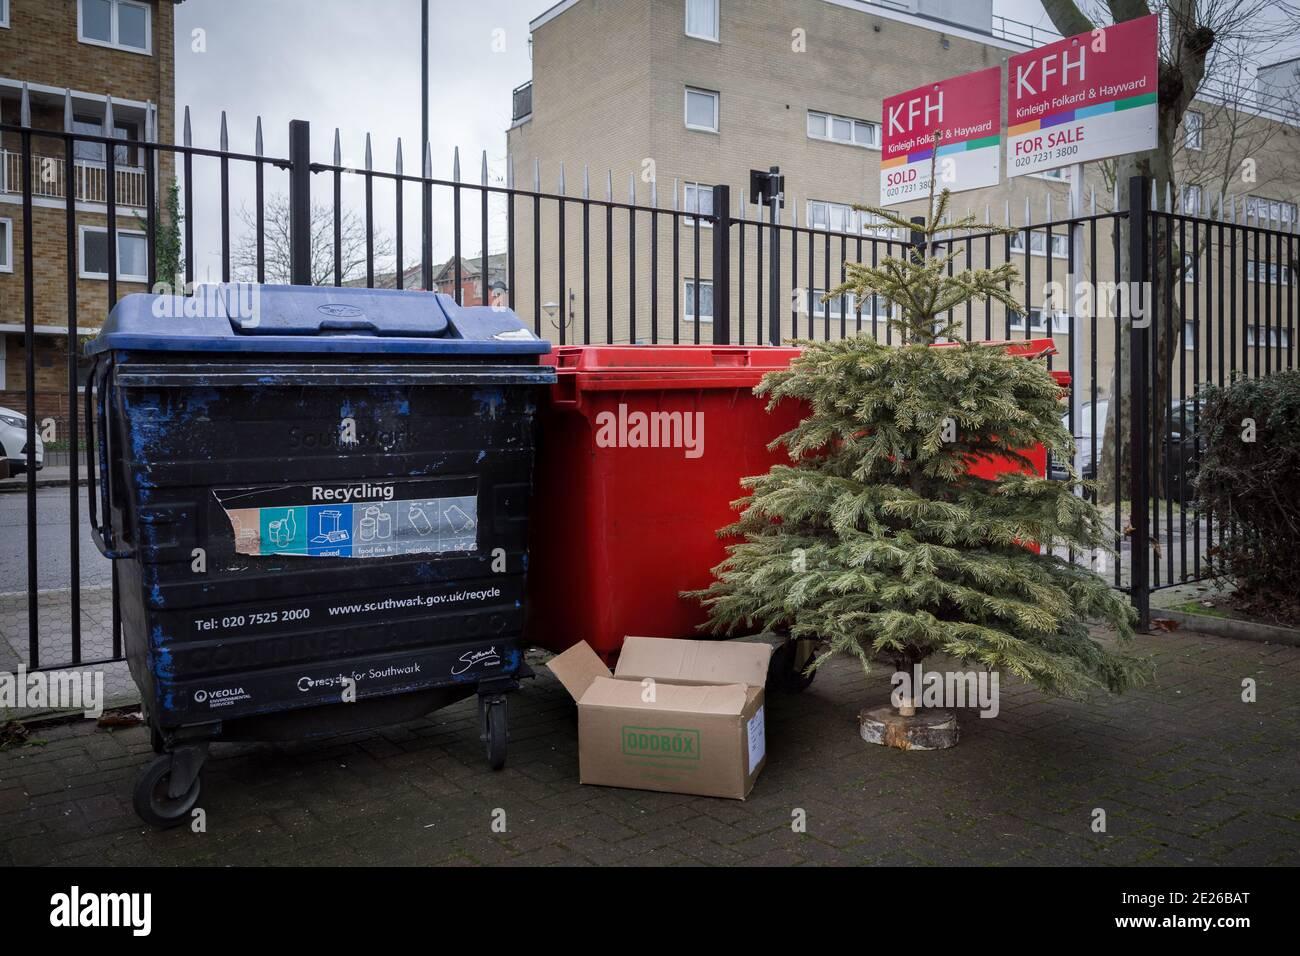 Londres, Royaume-Uni. 12 janvier 2021. Un arbre de Noël est déversé pour collecte à Deptford. Credit: Guy Corbishley/Alamy Live News Banque D'Images